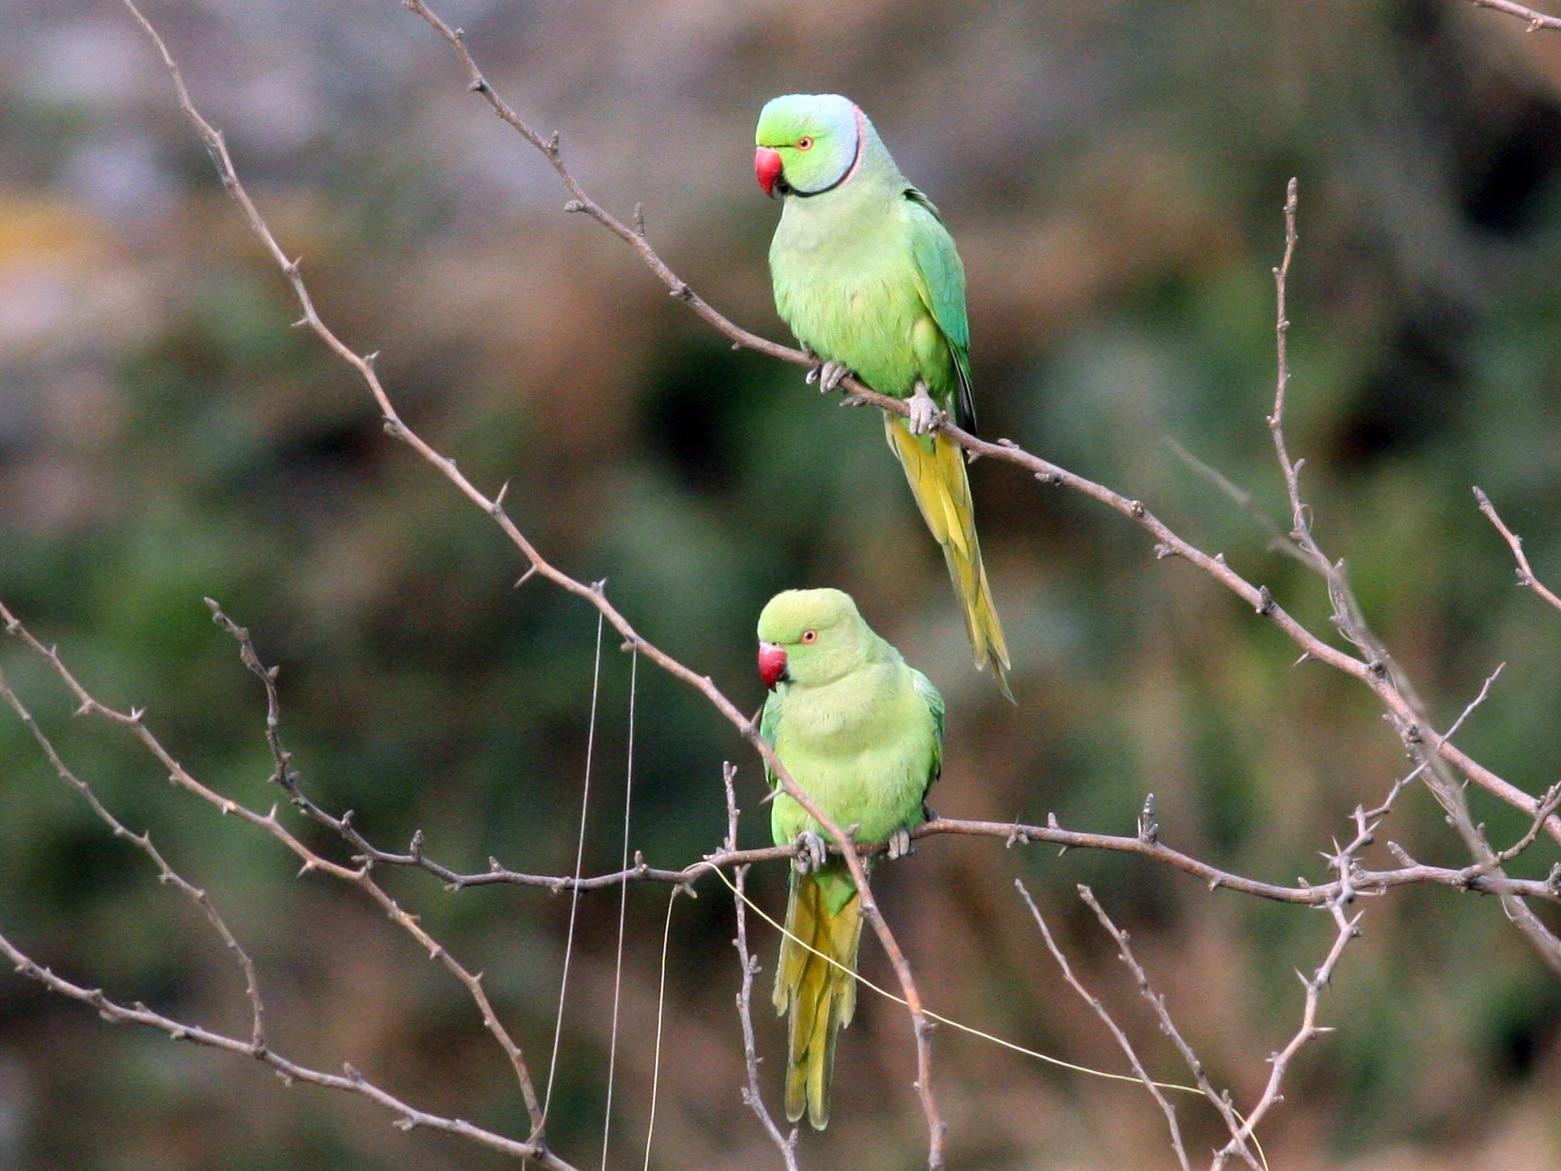 Rose-ringed Parakeet - Nate Swick